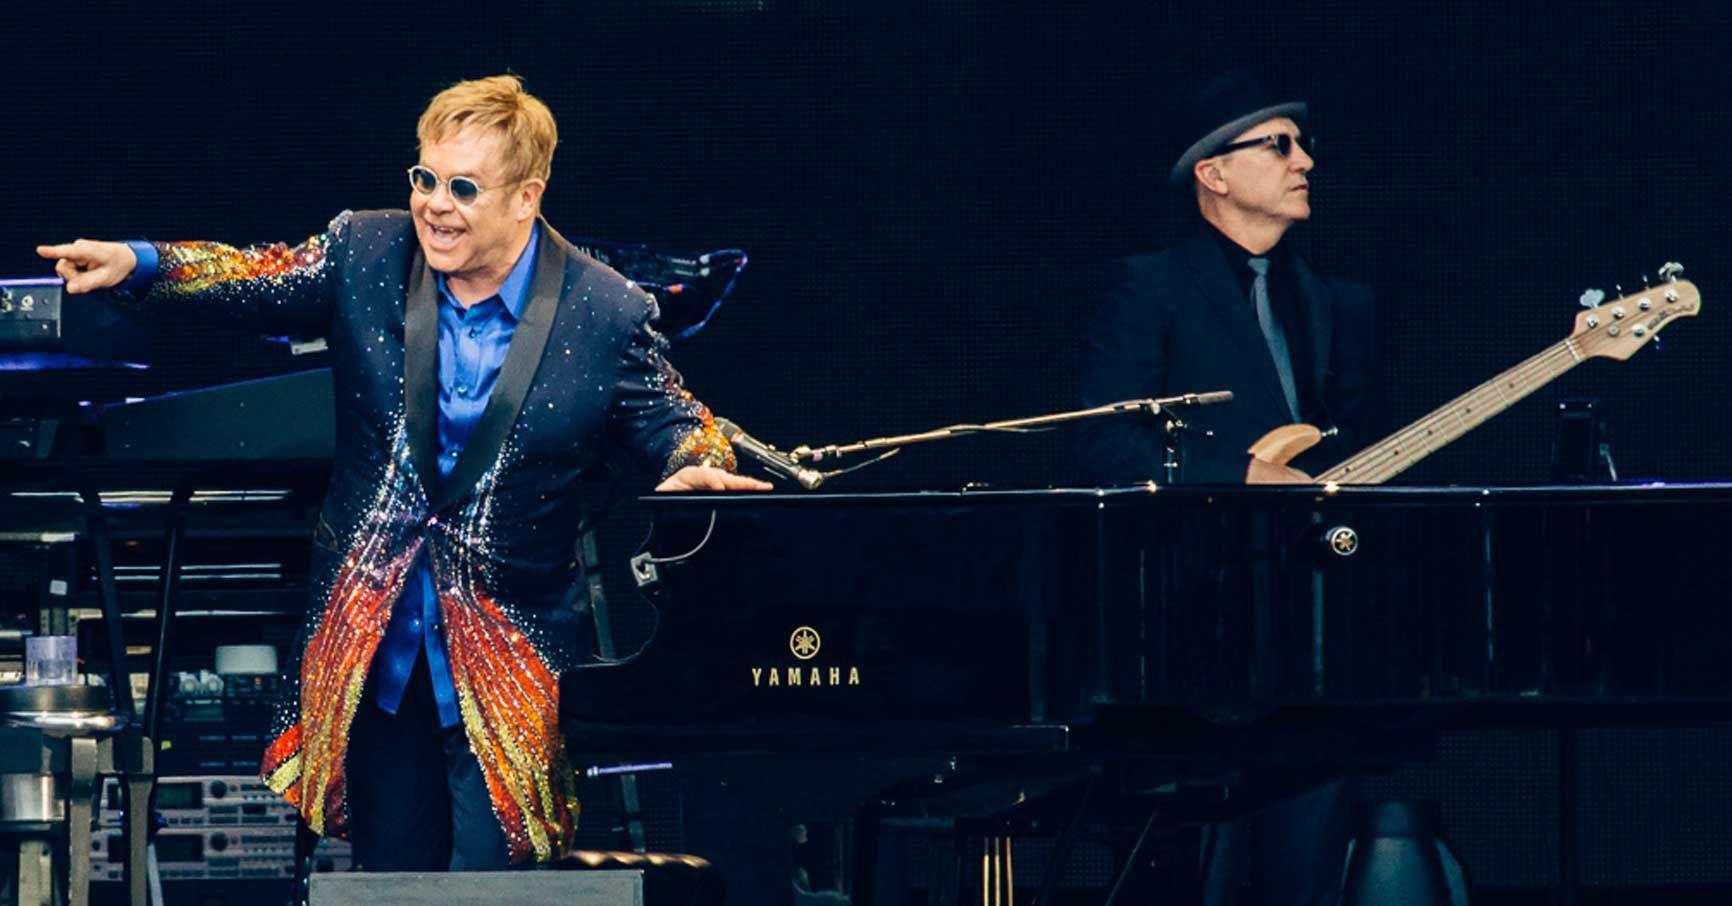 Elton on stage with Matt Bissonette at Color Line Stadium in Ålesund, Norway - June 30, 2016. (Photo: Johannes Lovund)